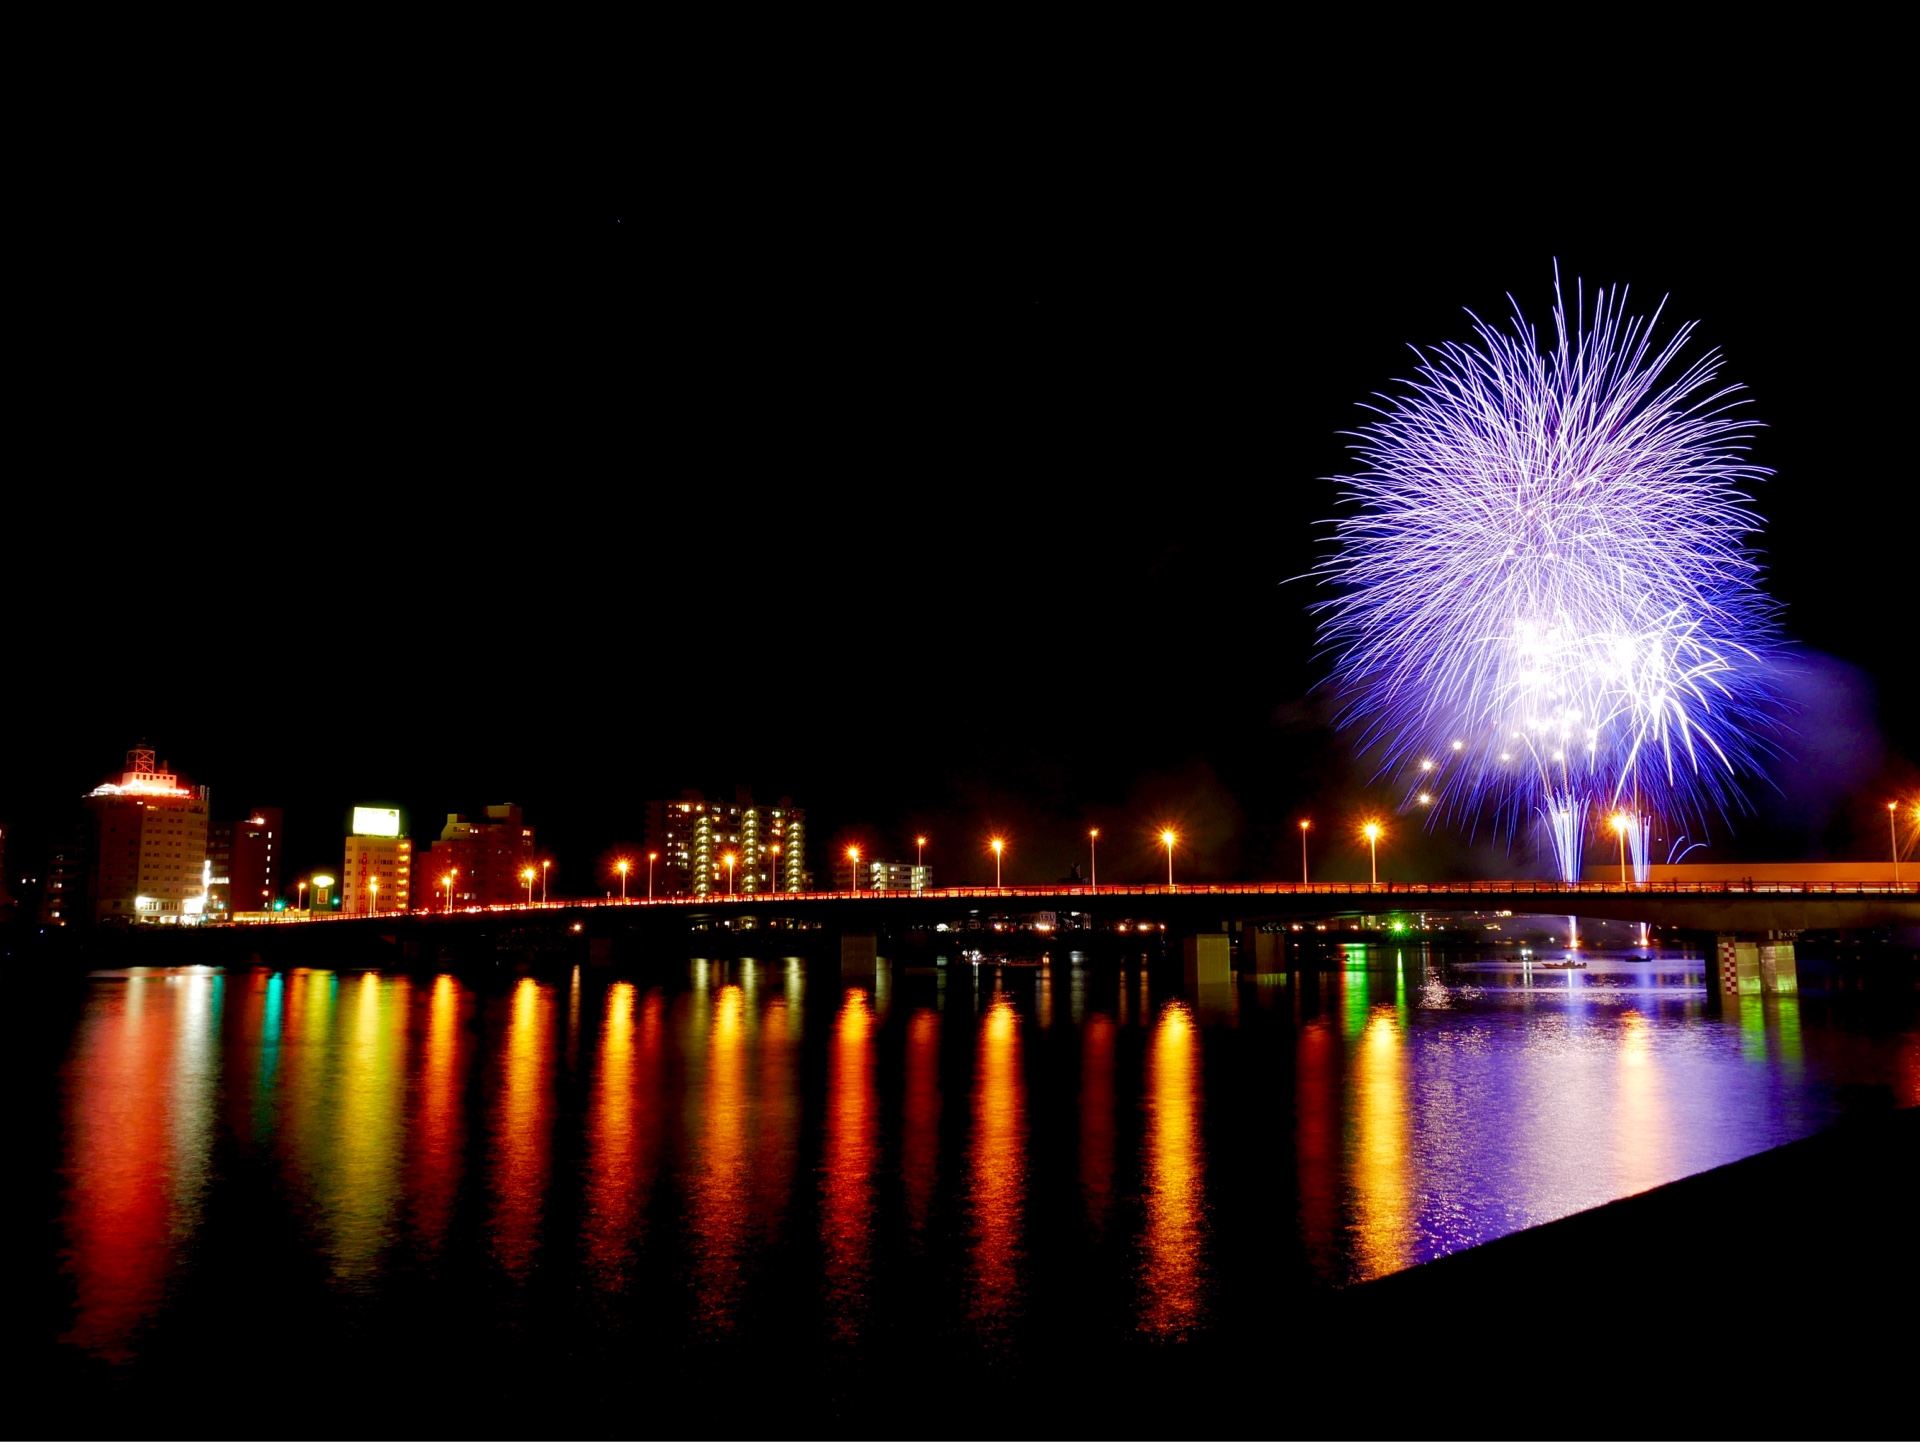 大淀花火大会の写真です。夏も終わりですね。